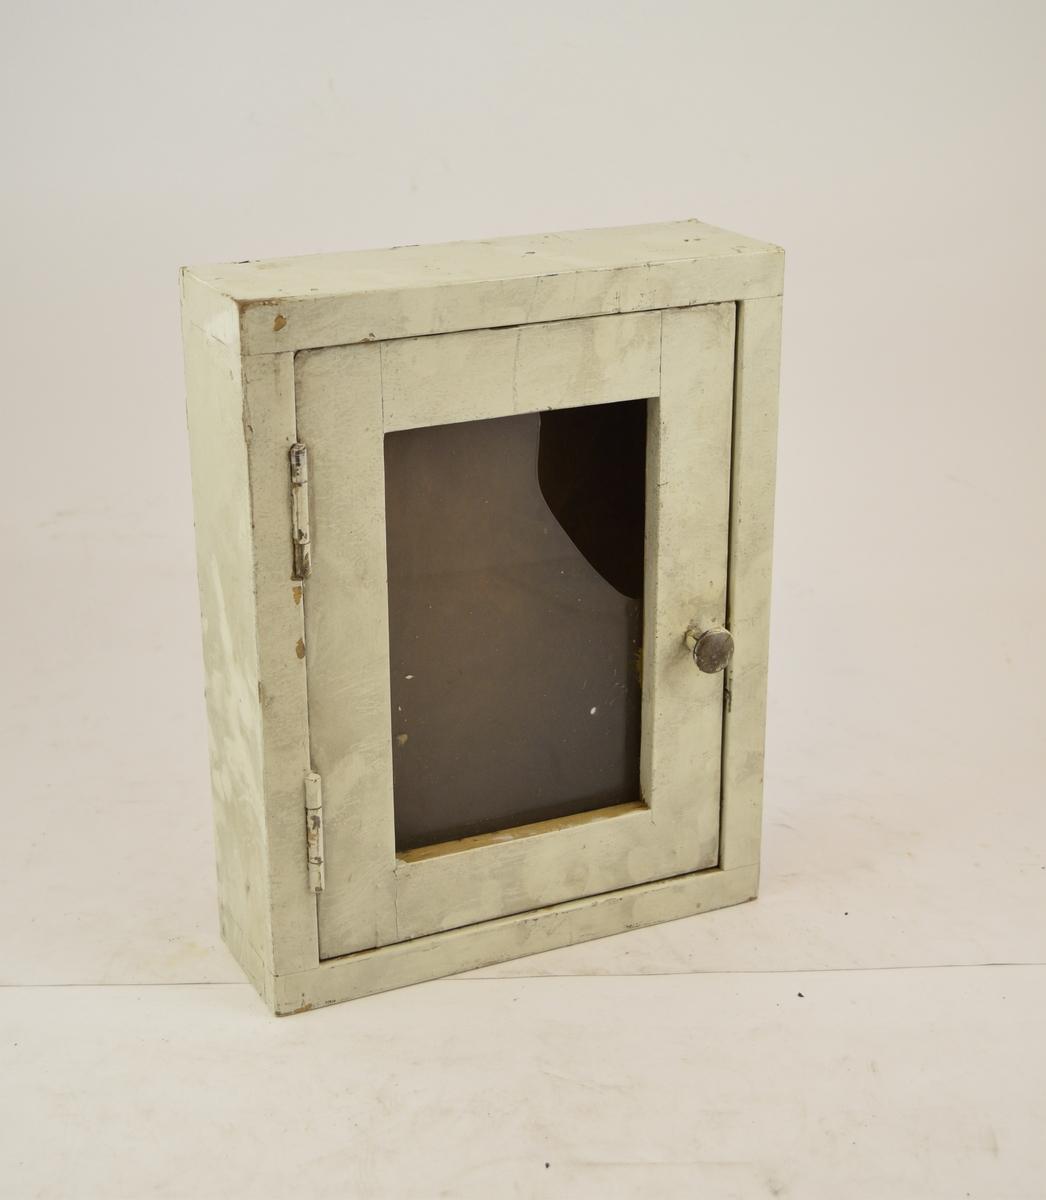 Nøkkelskap, type beredskapsskap. Har vært benyttet på stasjon eller verksted. Ukjent brukssted. Glasset i døren er delvis knust.